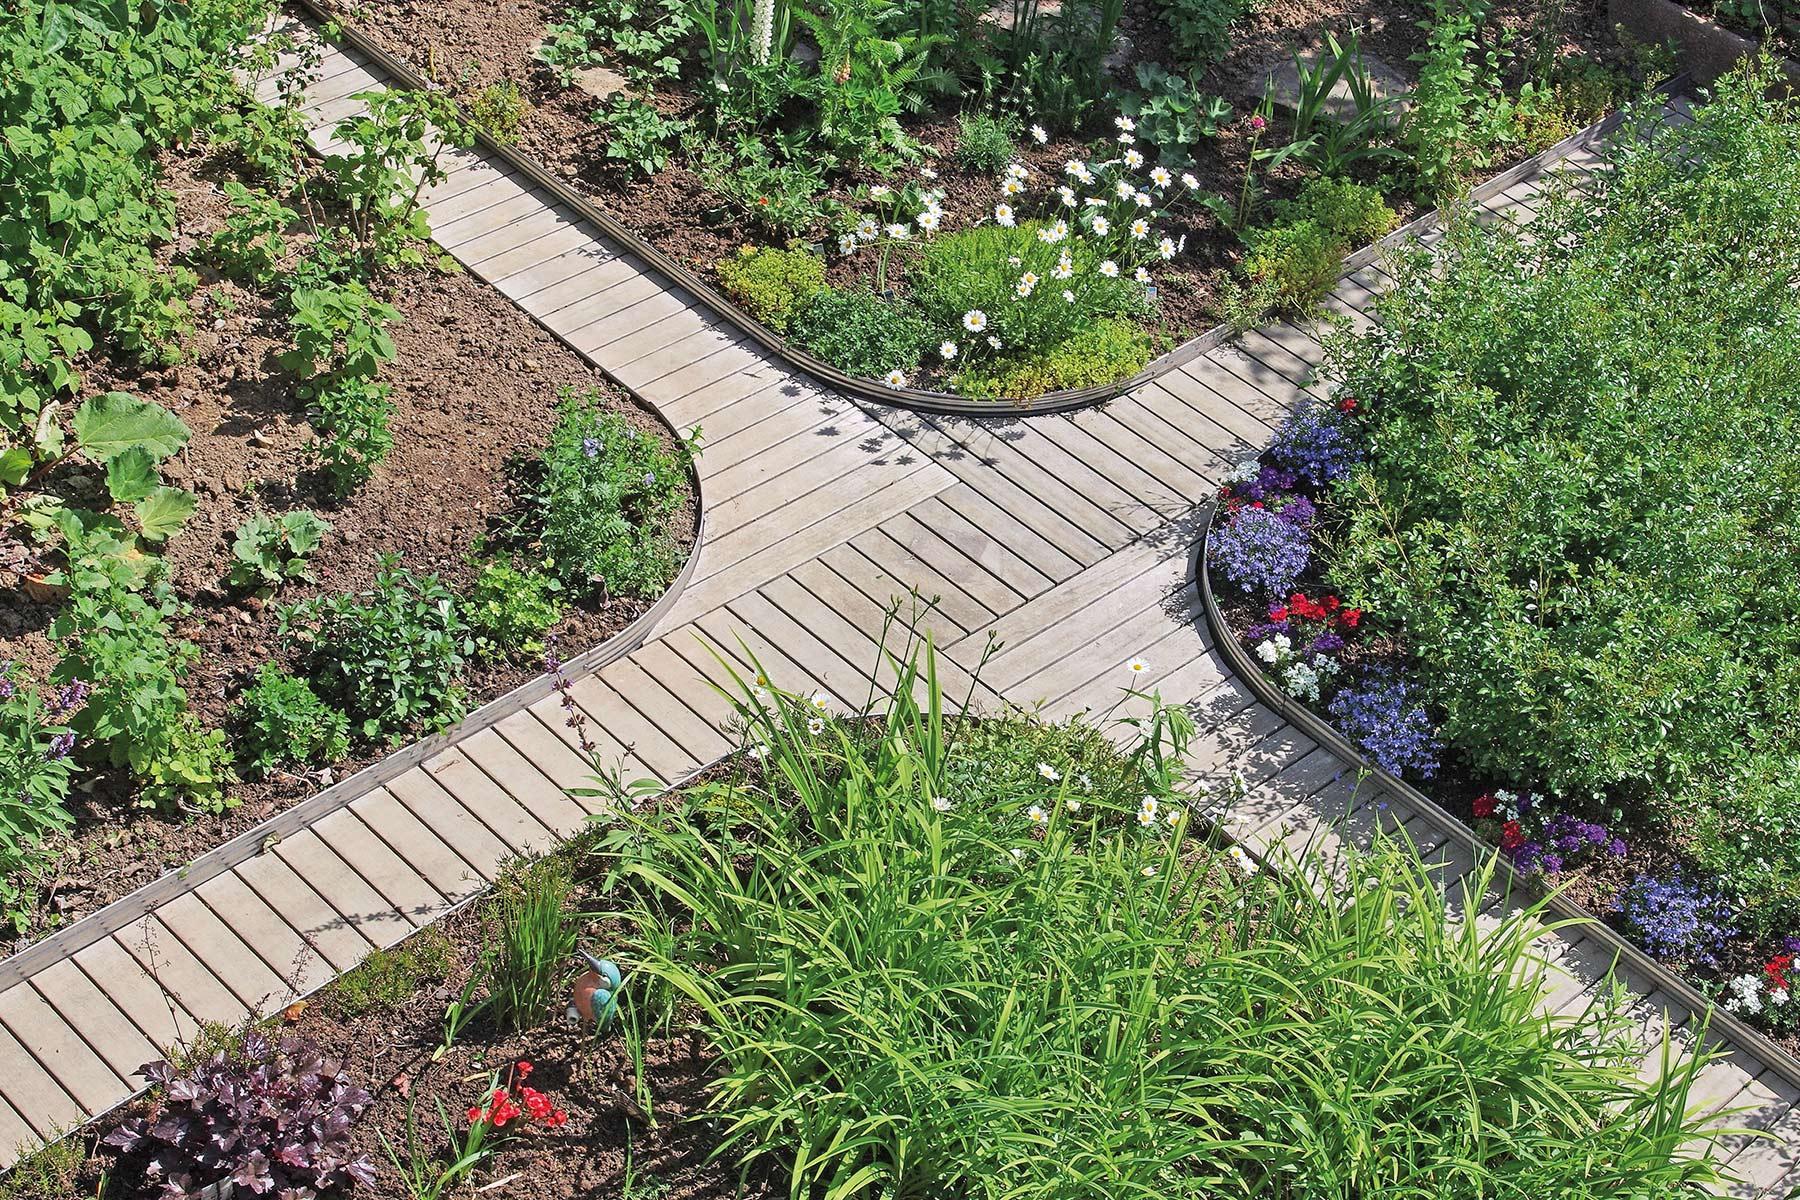 Tolle Ideen für Gärten im modernen Look